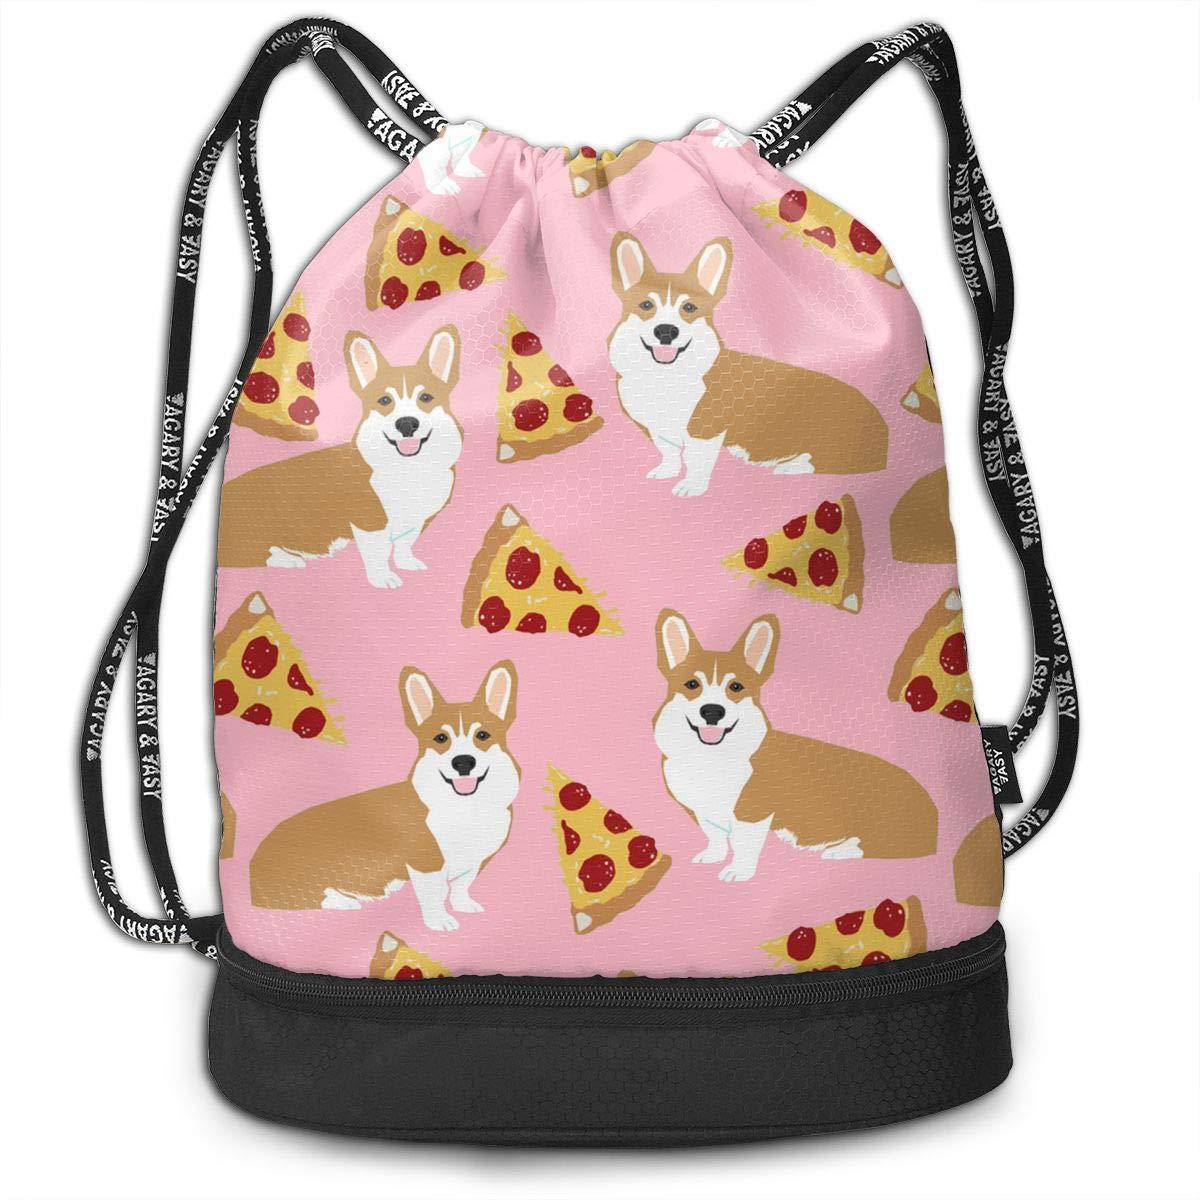 HUOPR5Q Corgi Pizza Pink Drawstring Backpack Sport Gym Sack Shoulder Bulk Bag Dance Bag for School Travel